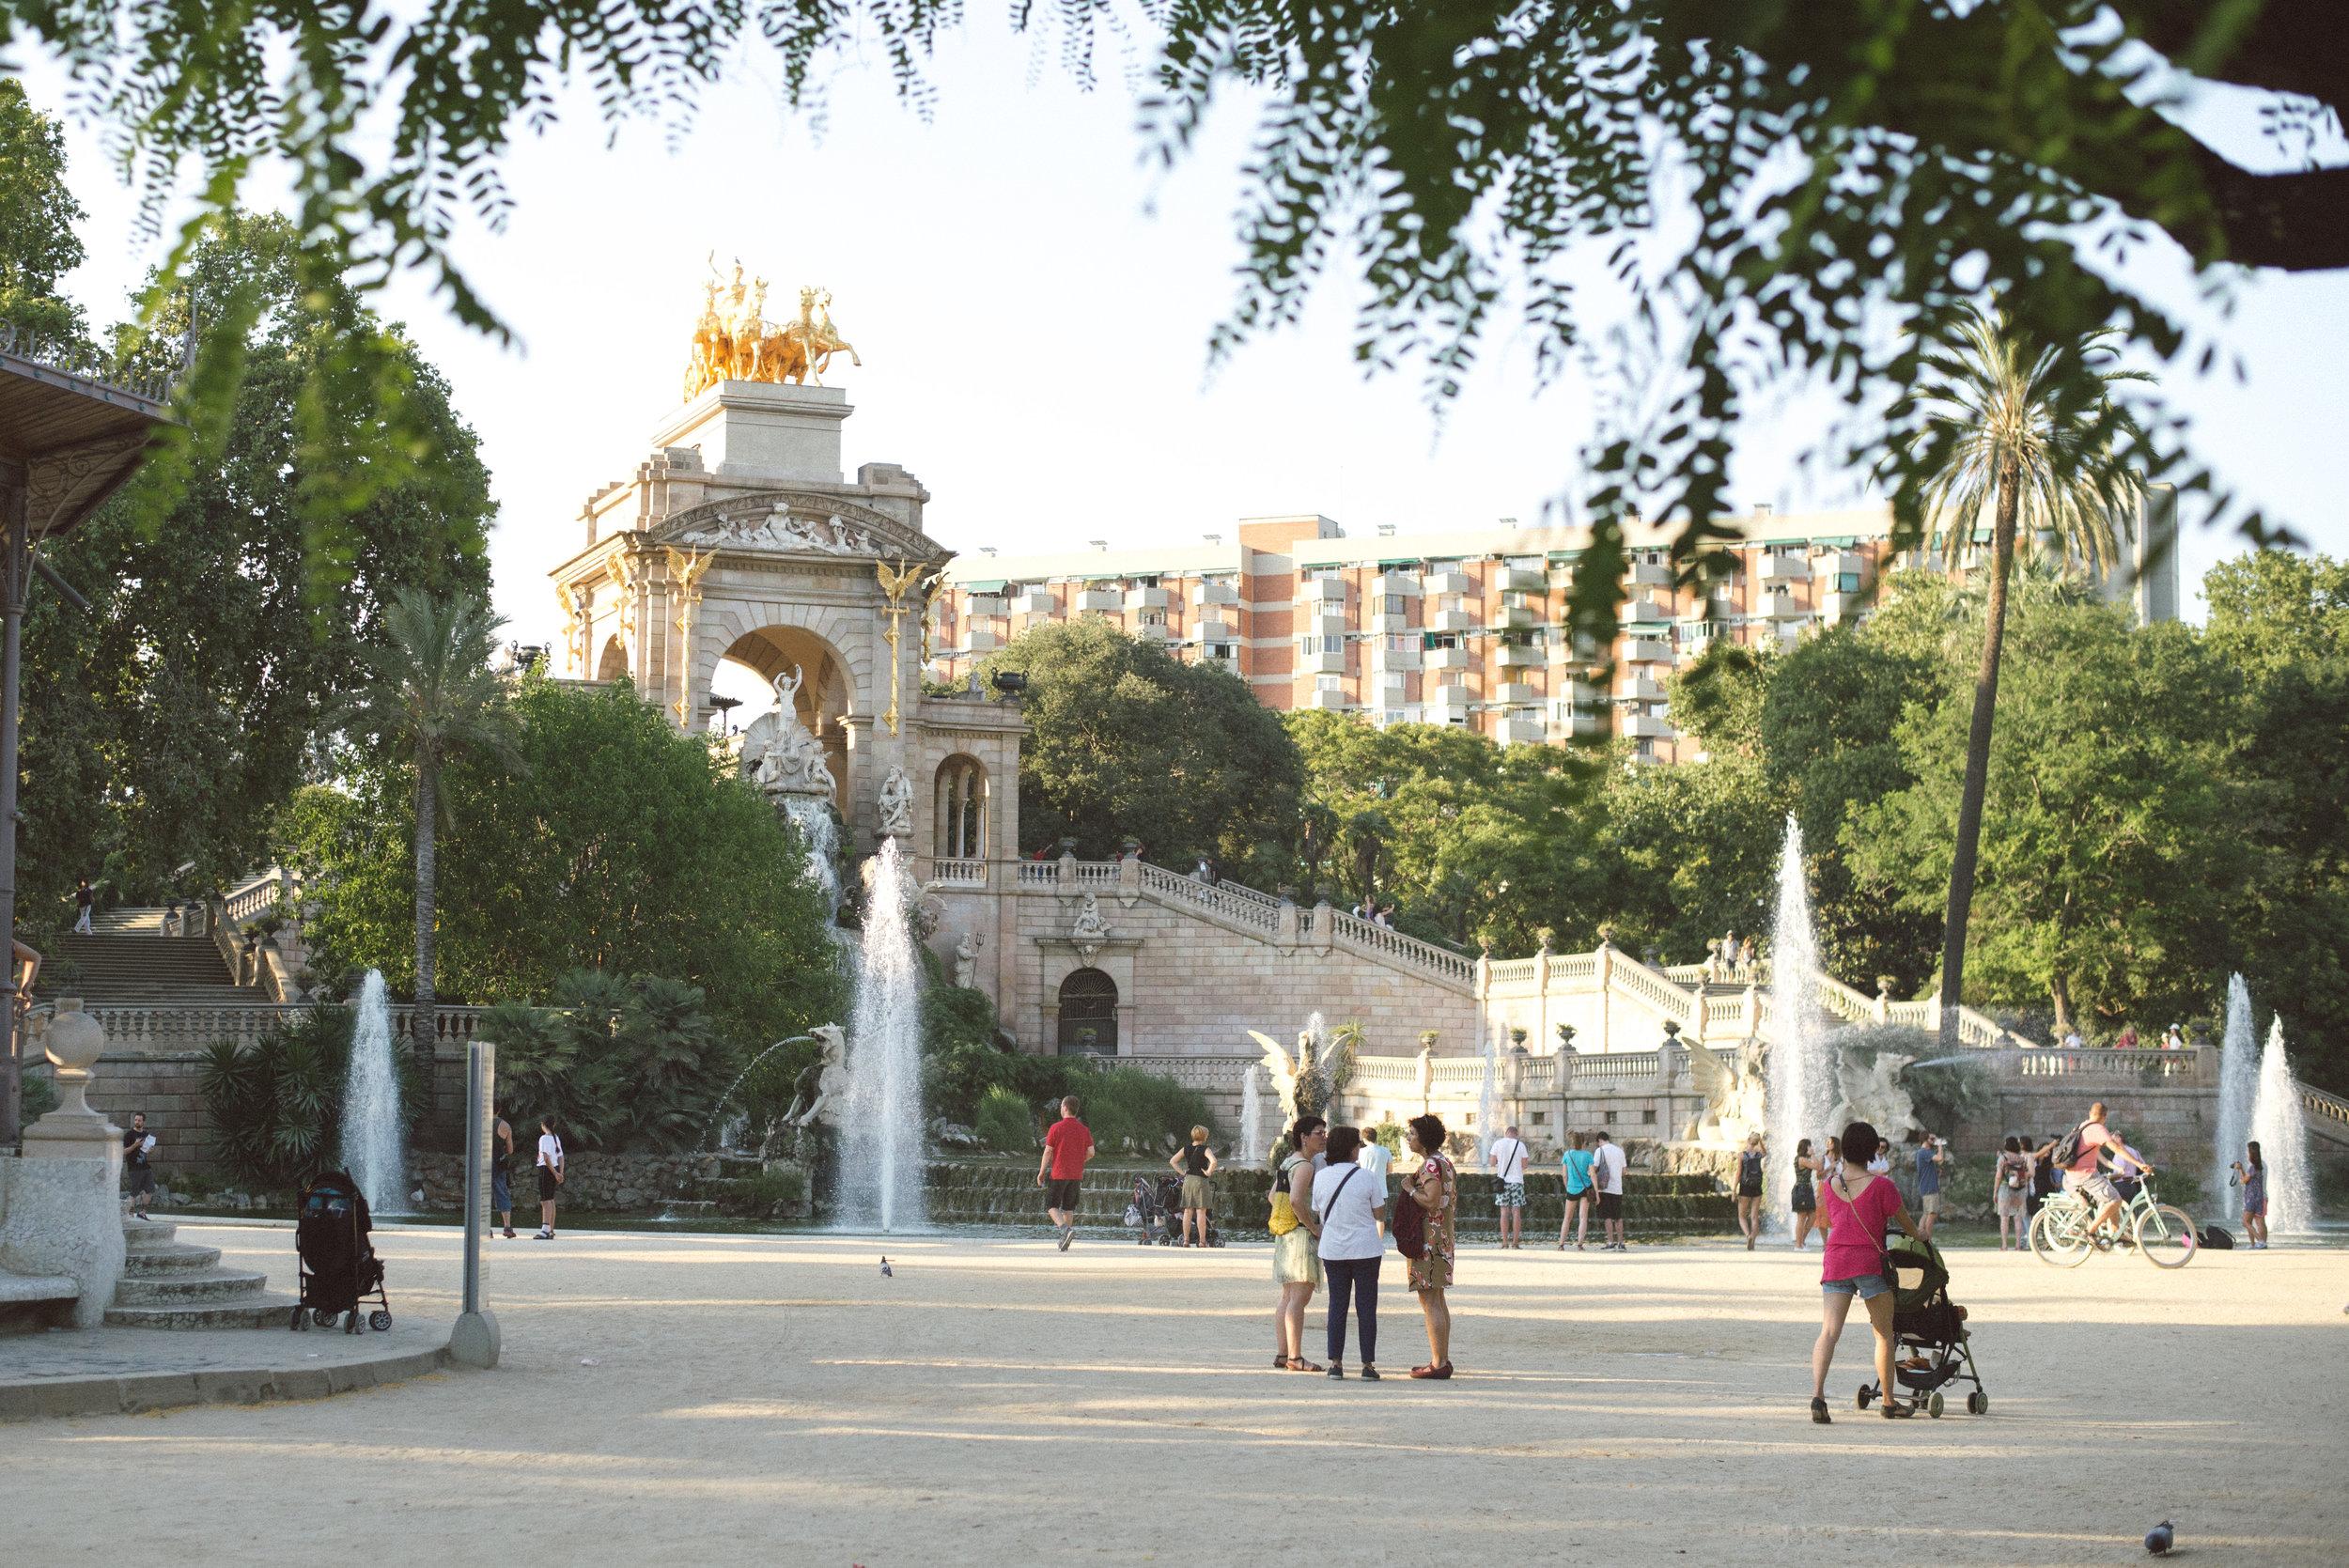 Barcelona-Spain-Europe-Travel-Park